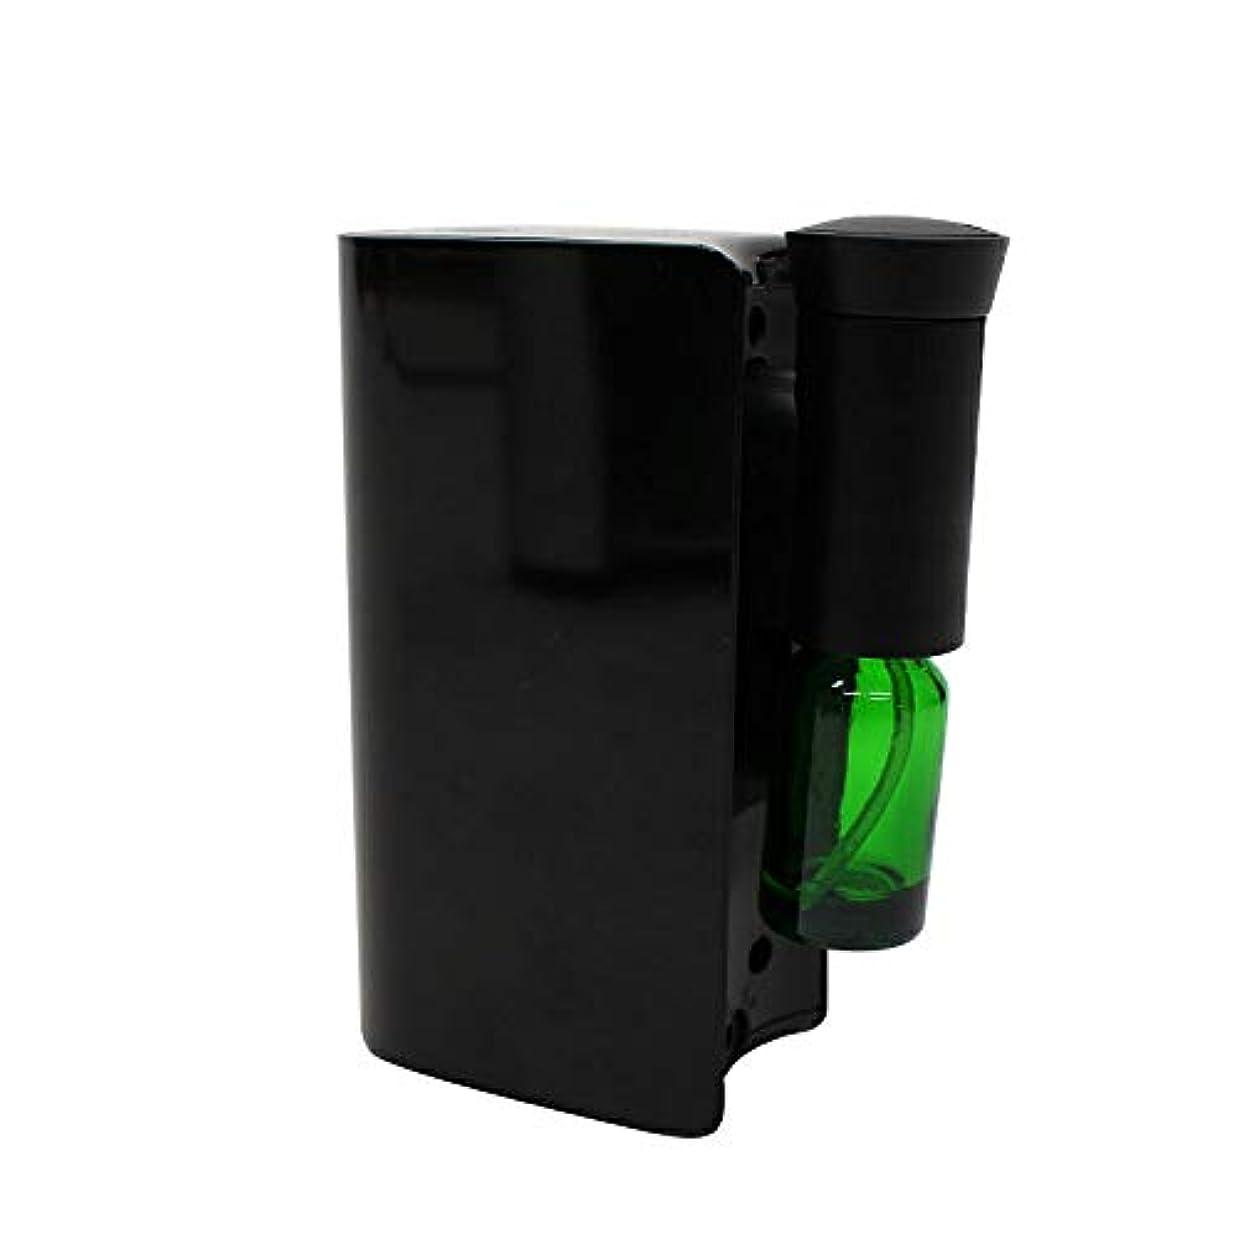 ジム裁定食い違い電池式アロマディフューザー 水を使わない ネブライザー式 アロマ ディフューザー アロマオイル対応 自動停止 ECOモード搭載 コンパクト 香り 癒し シンプル ブラック